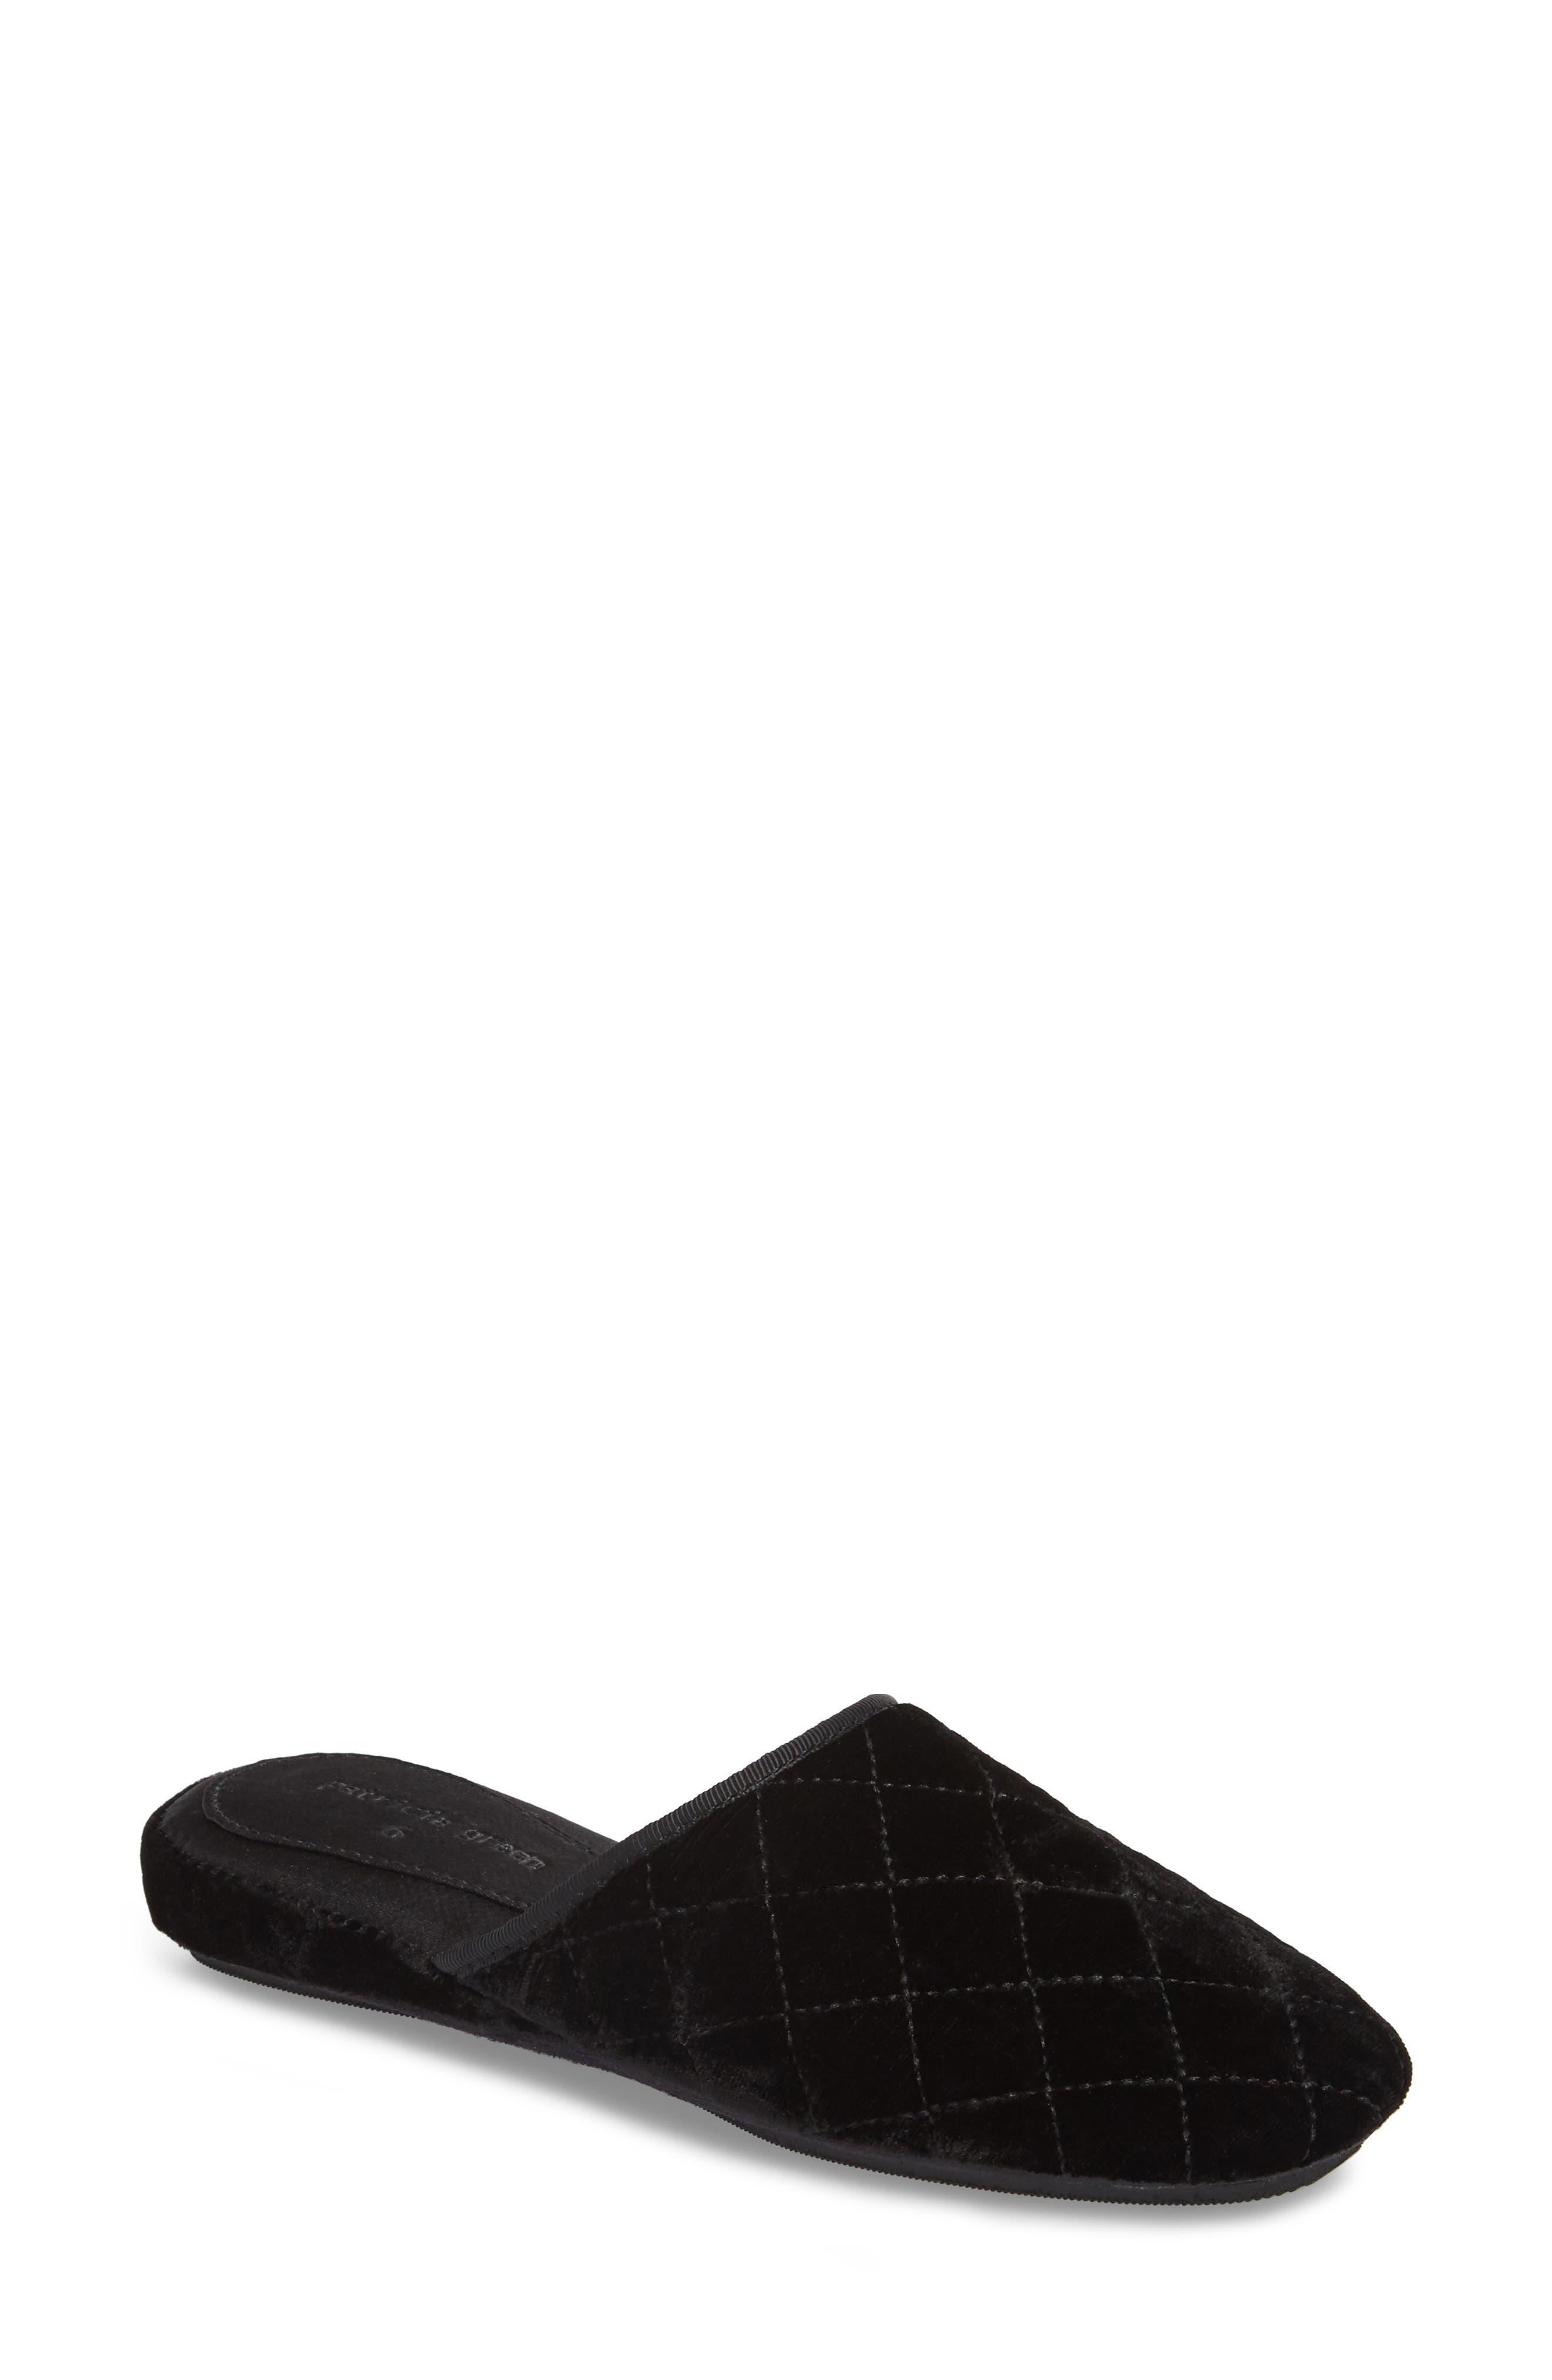 Geraldine Slipper,                         Main,                         color, Black Velvet